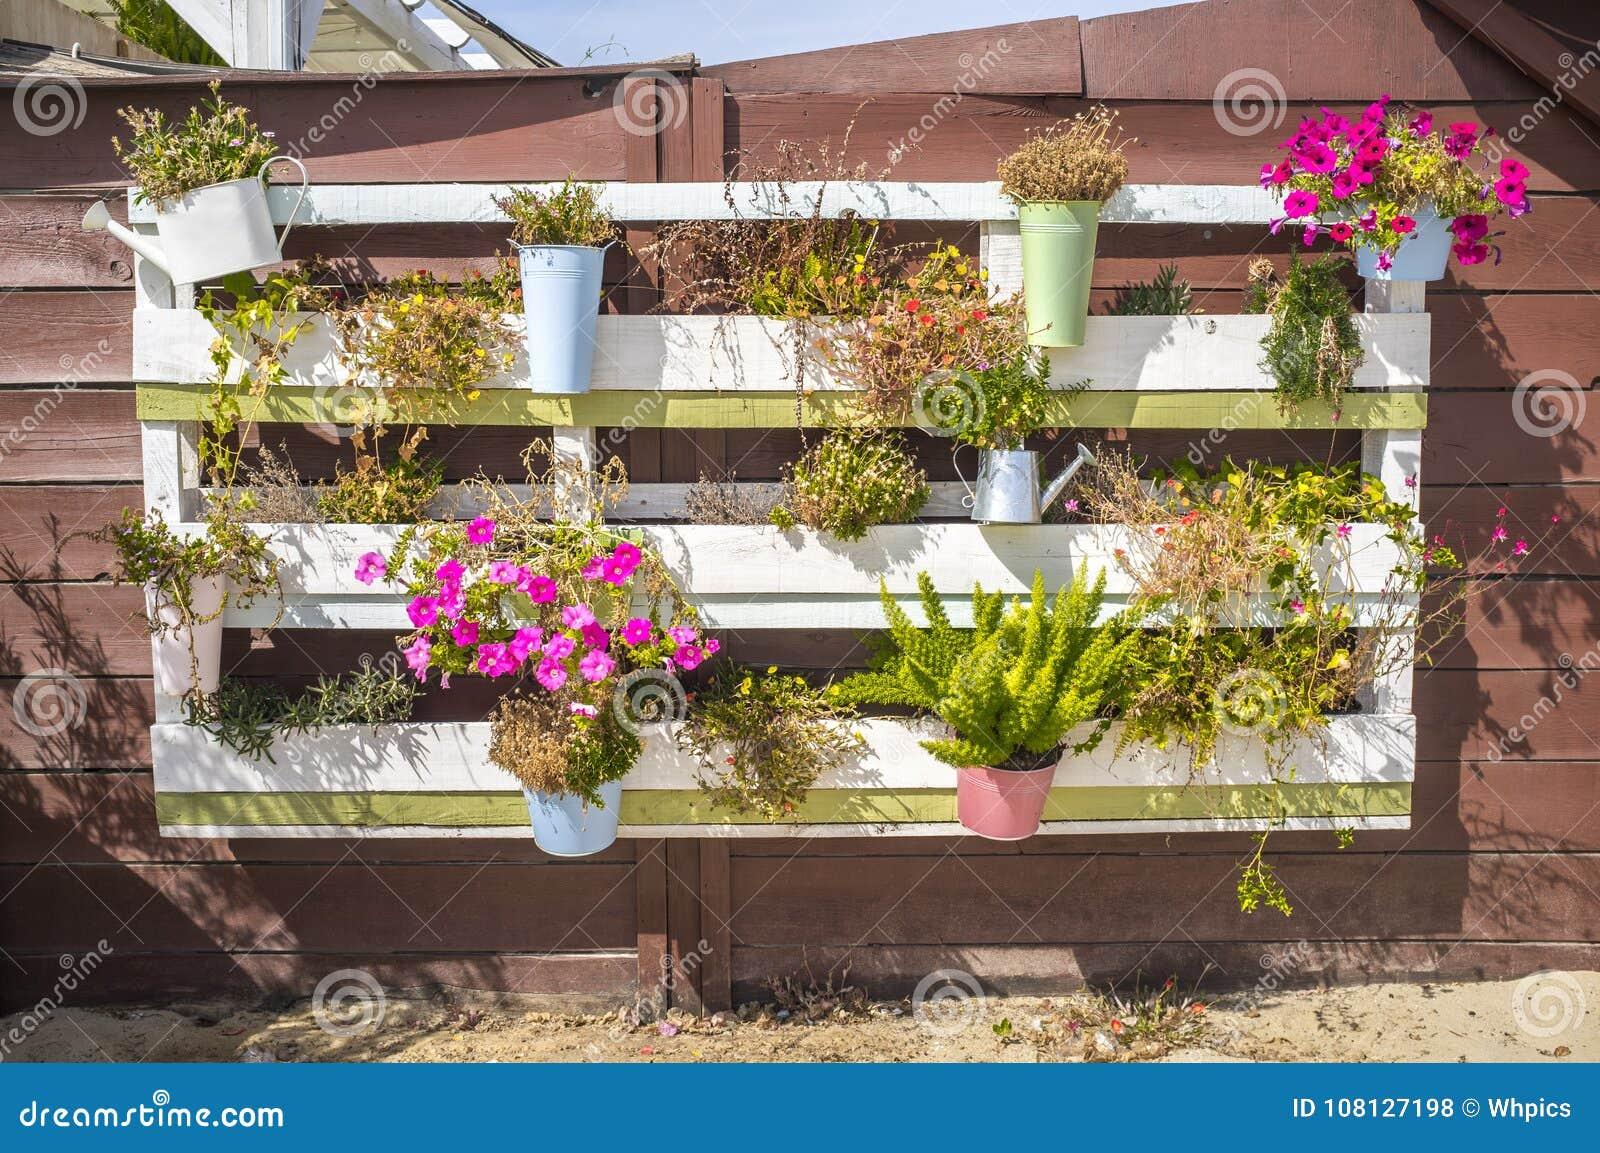 pots de fleurs pendant d 39 une palette sur le mur photo stock image du palette flowerpots. Black Bedroom Furniture Sets. Home Design Ideas